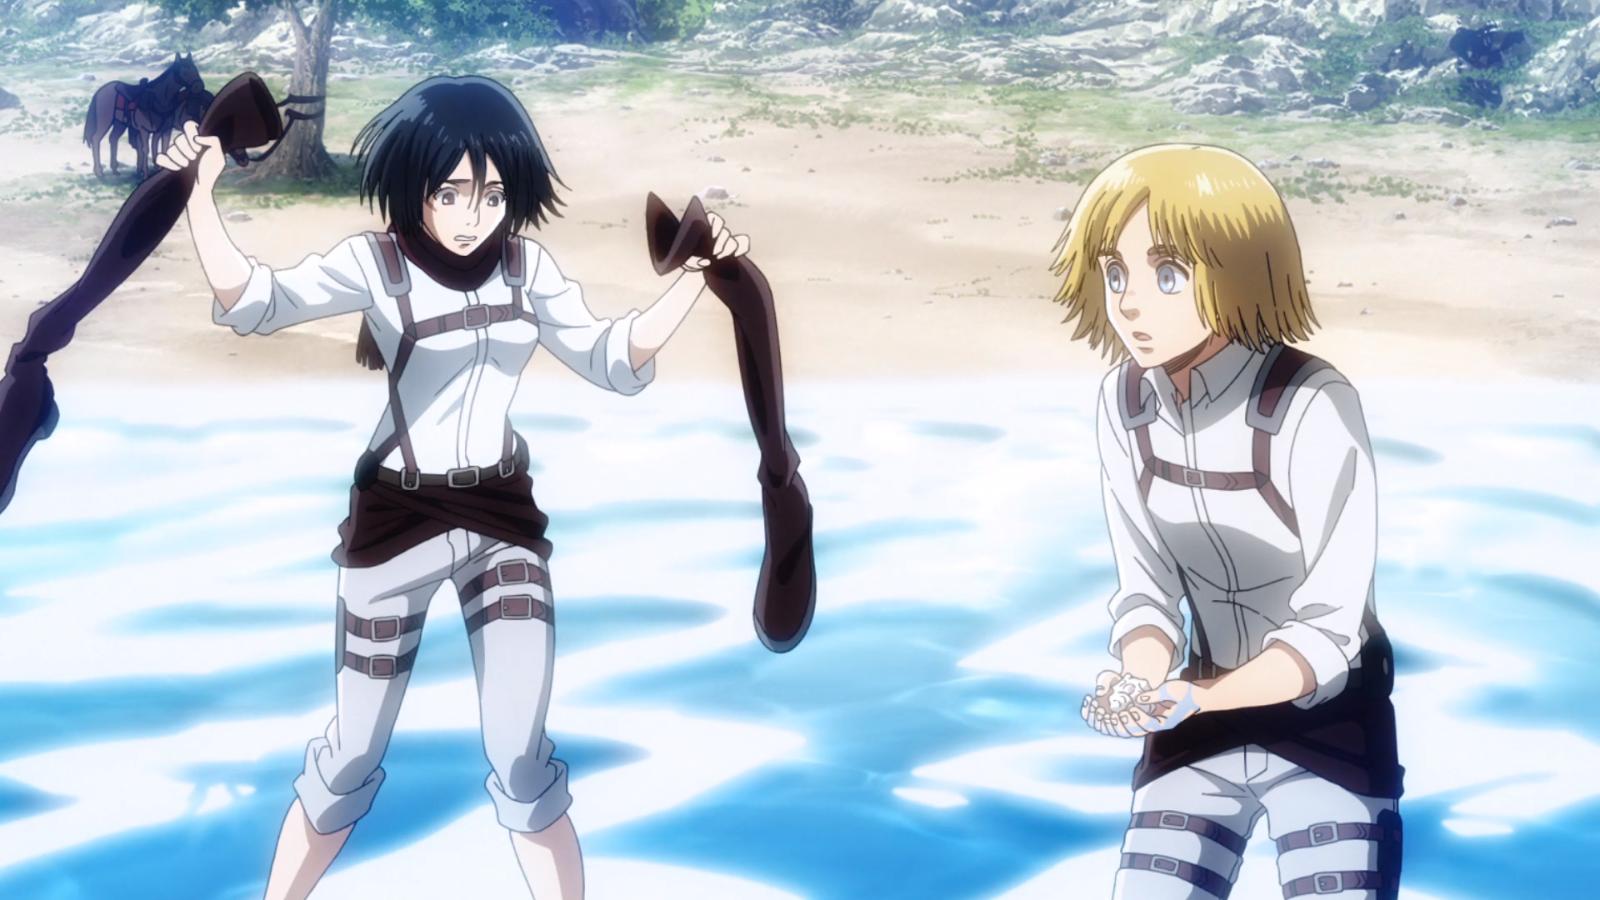 Mikasa und Armin im Meer.png